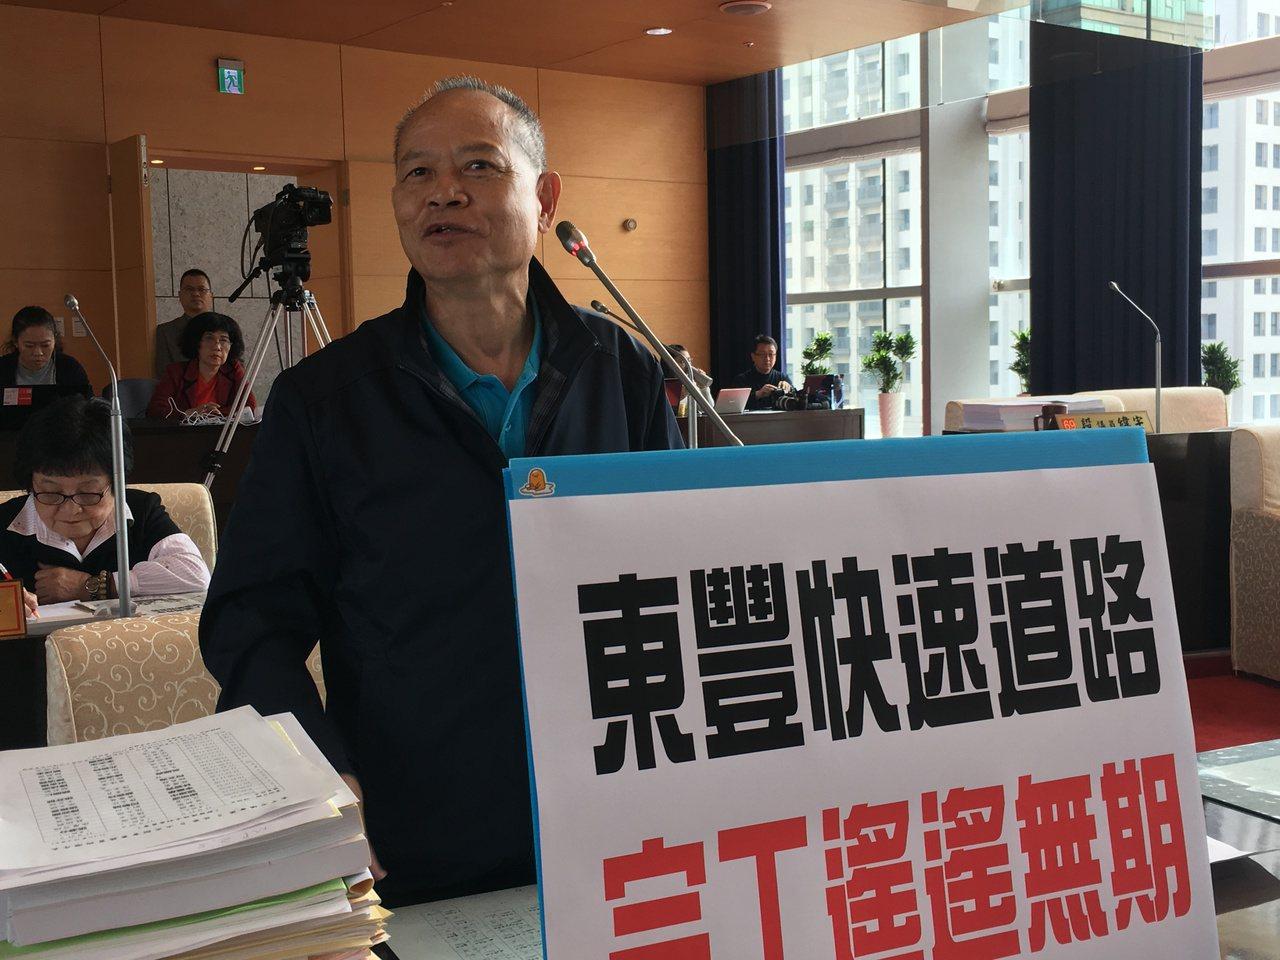 市議員蘇慶雲說,東豐快如期完成,林佳龍保證連任。記者陳秋雲/攝影